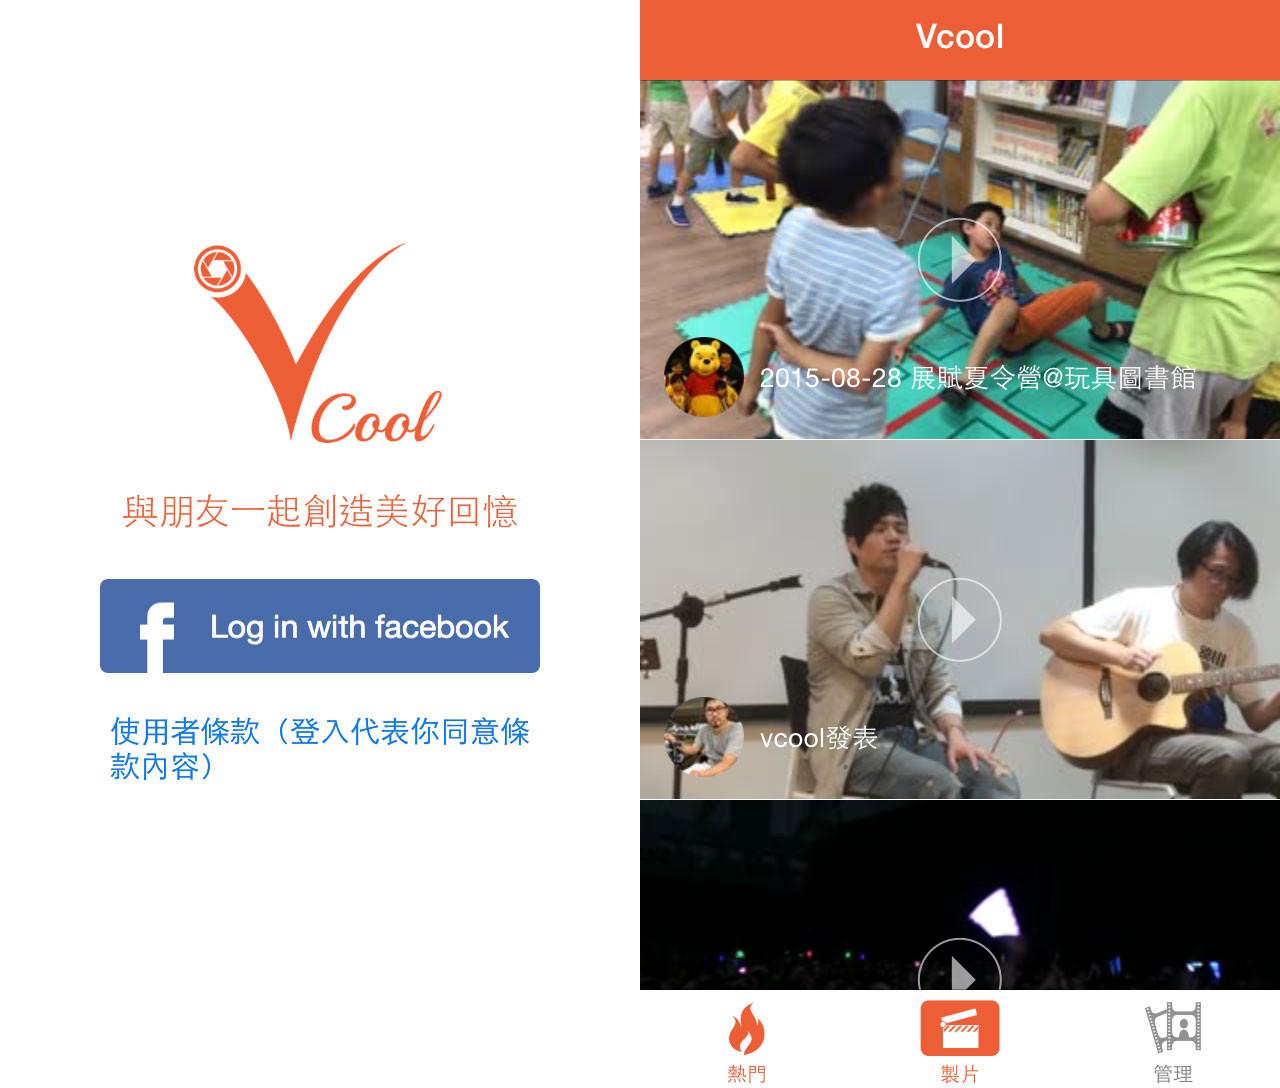 Vcool 協作影片應用 APP:朋友們,分鏡就交給你們拍了! - 癮科技